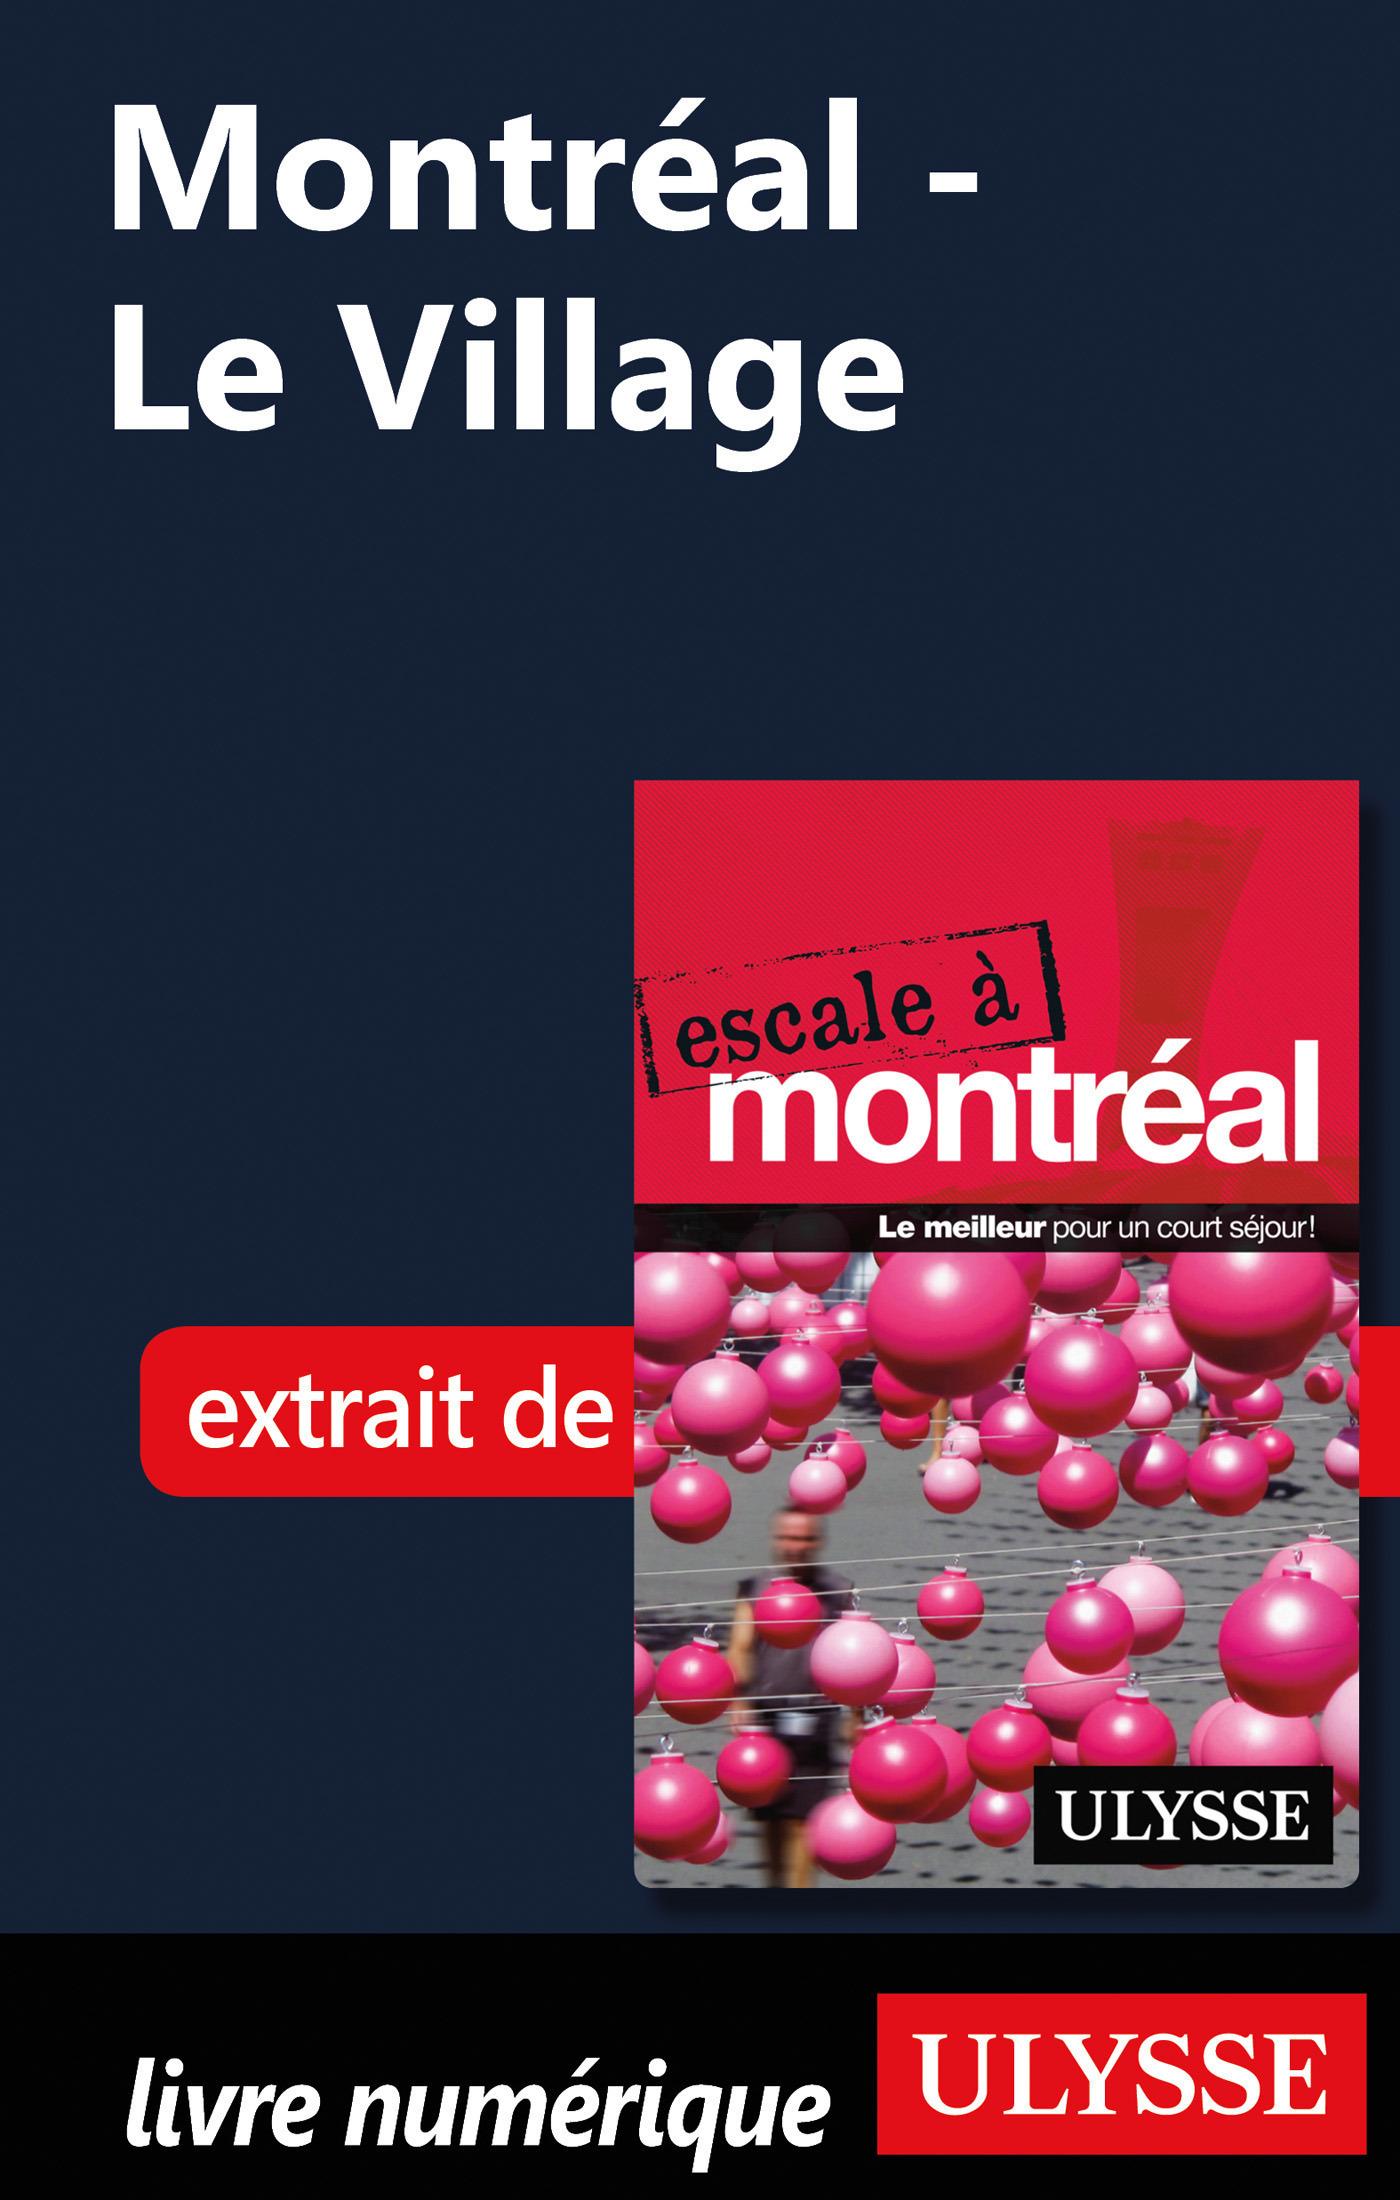 Montréal - Le Village